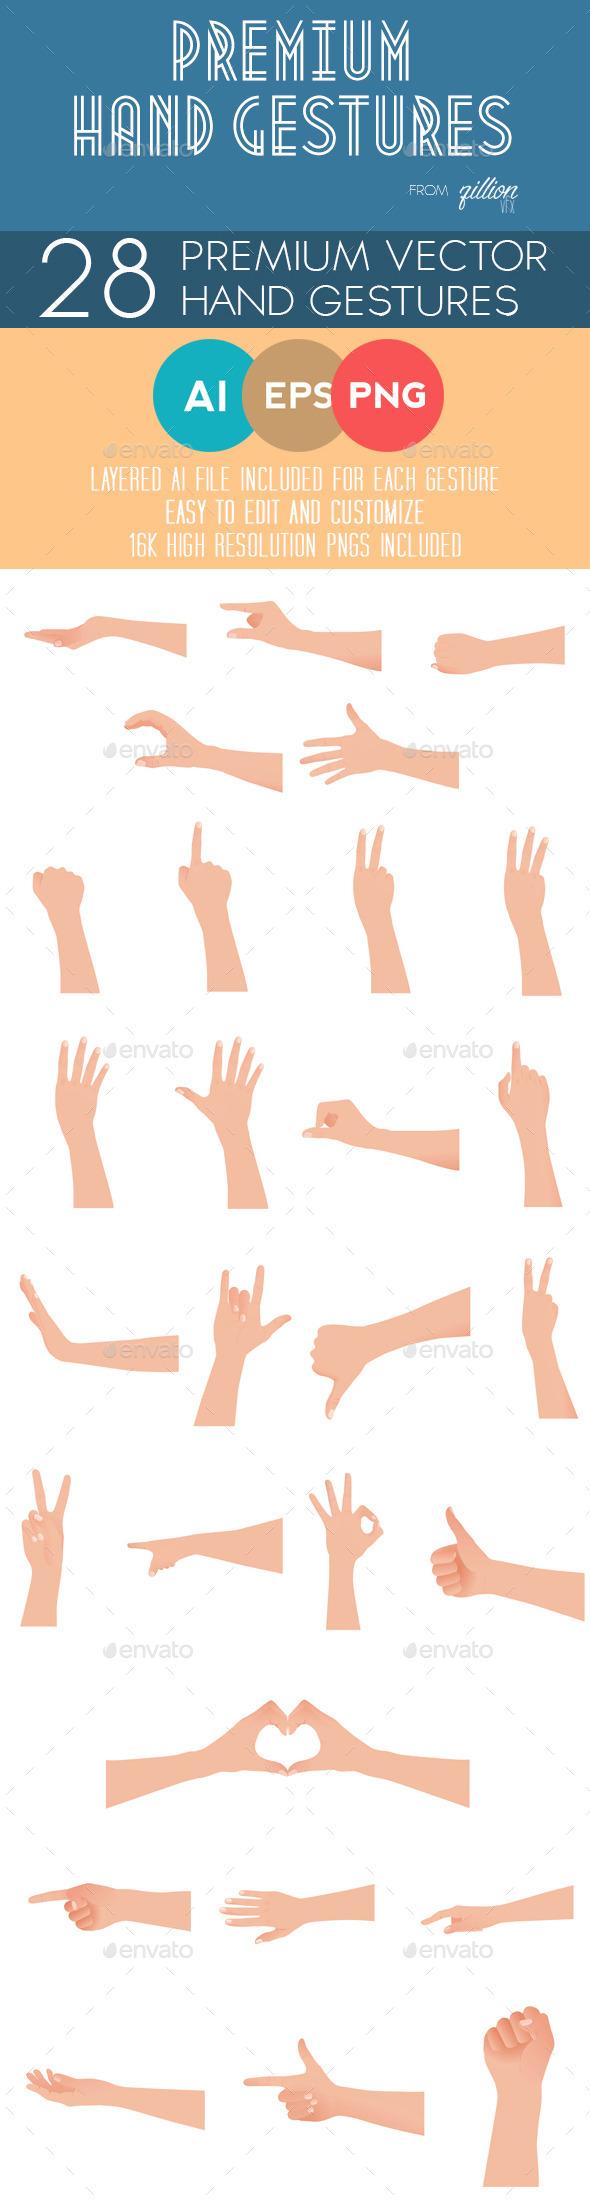 GraphicRiver Premium Hand Gestures 8784093